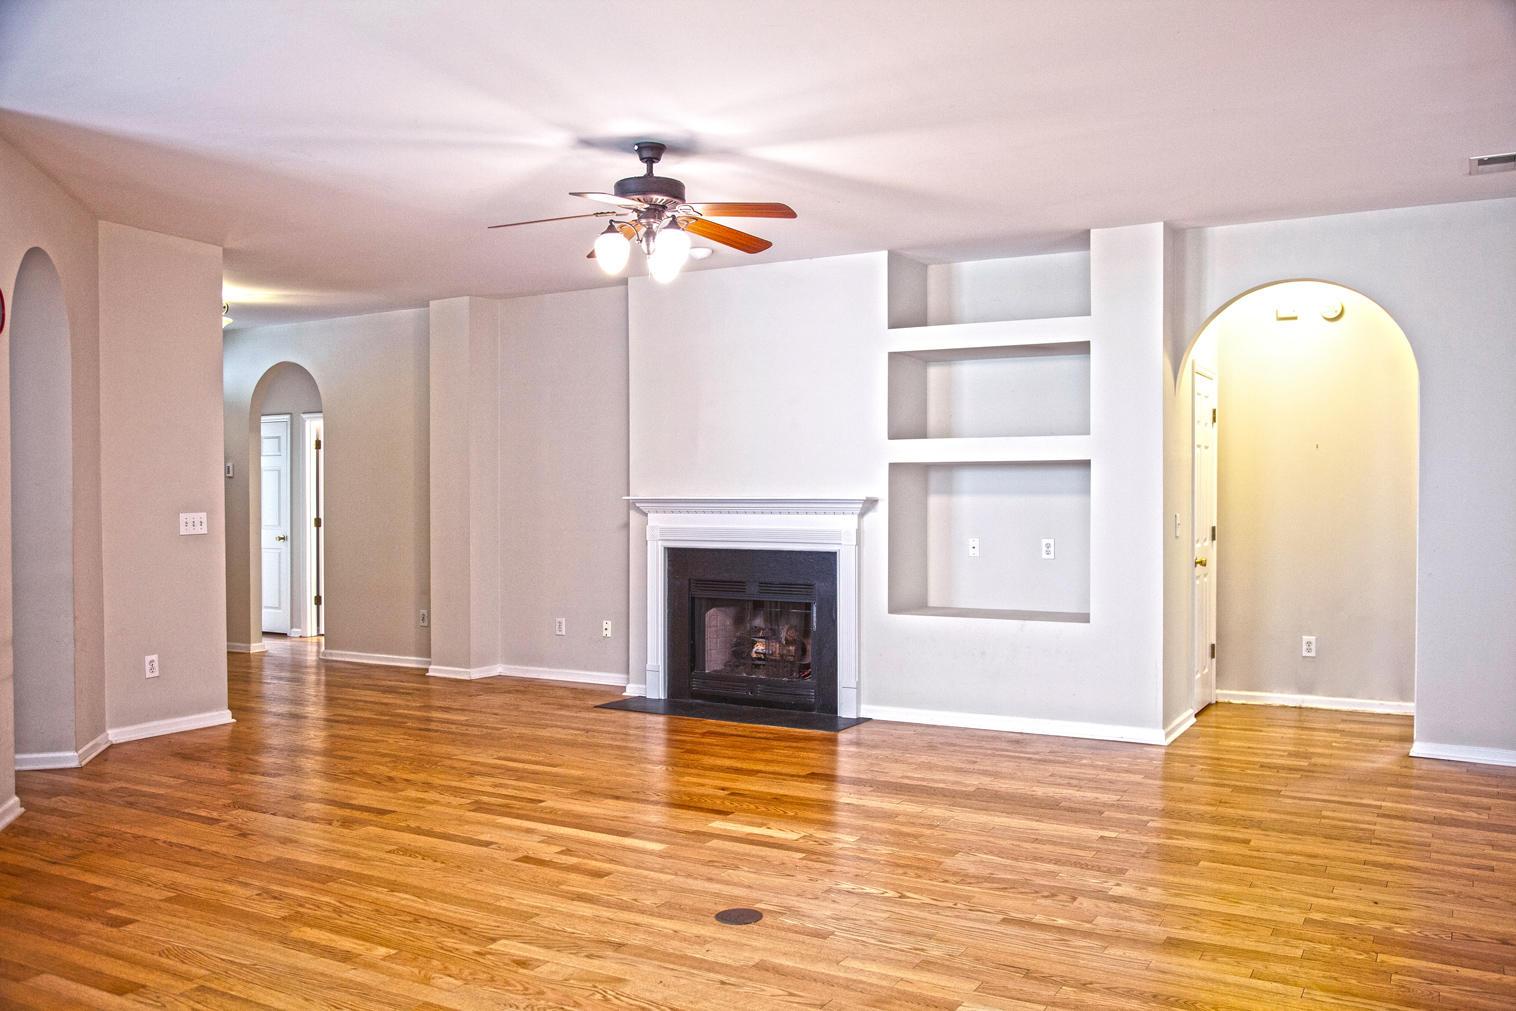 Park West Homes For Sale - 3190 John Bartram Place, Mount Pleasant, SC - 4